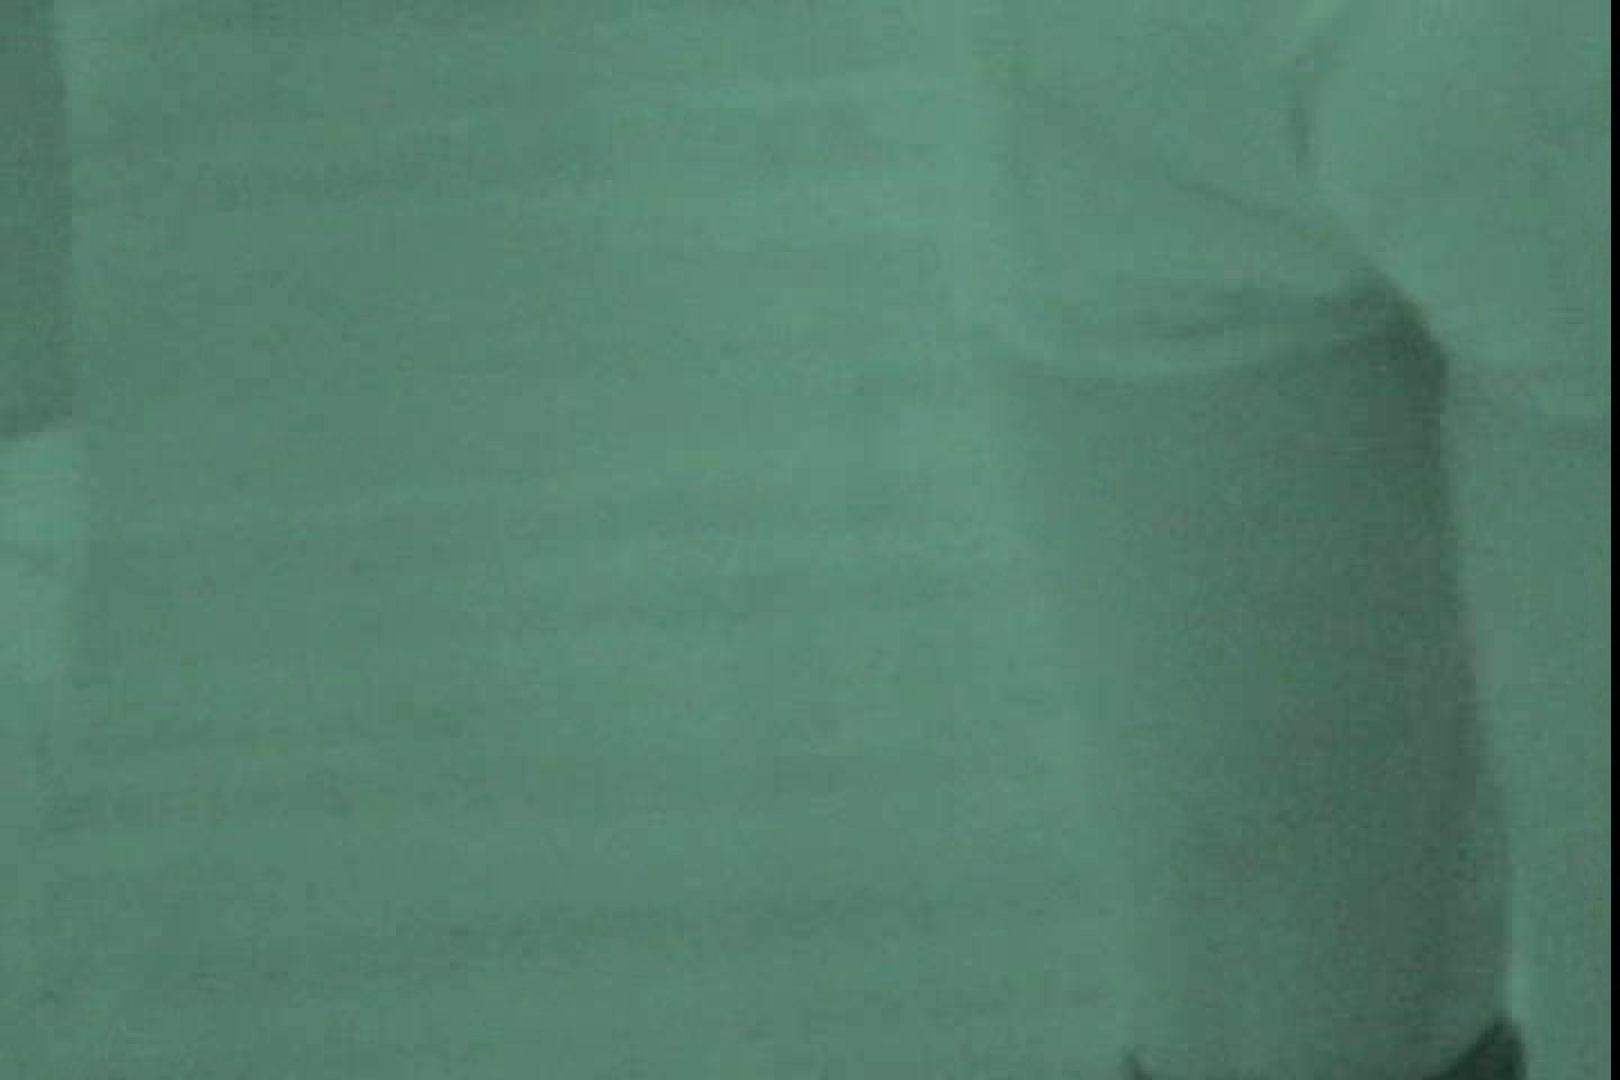 赤外線ムレスケバレー(汗) vol.04 赤外線 盗撮AV動画キャプチャ 82PICs 11